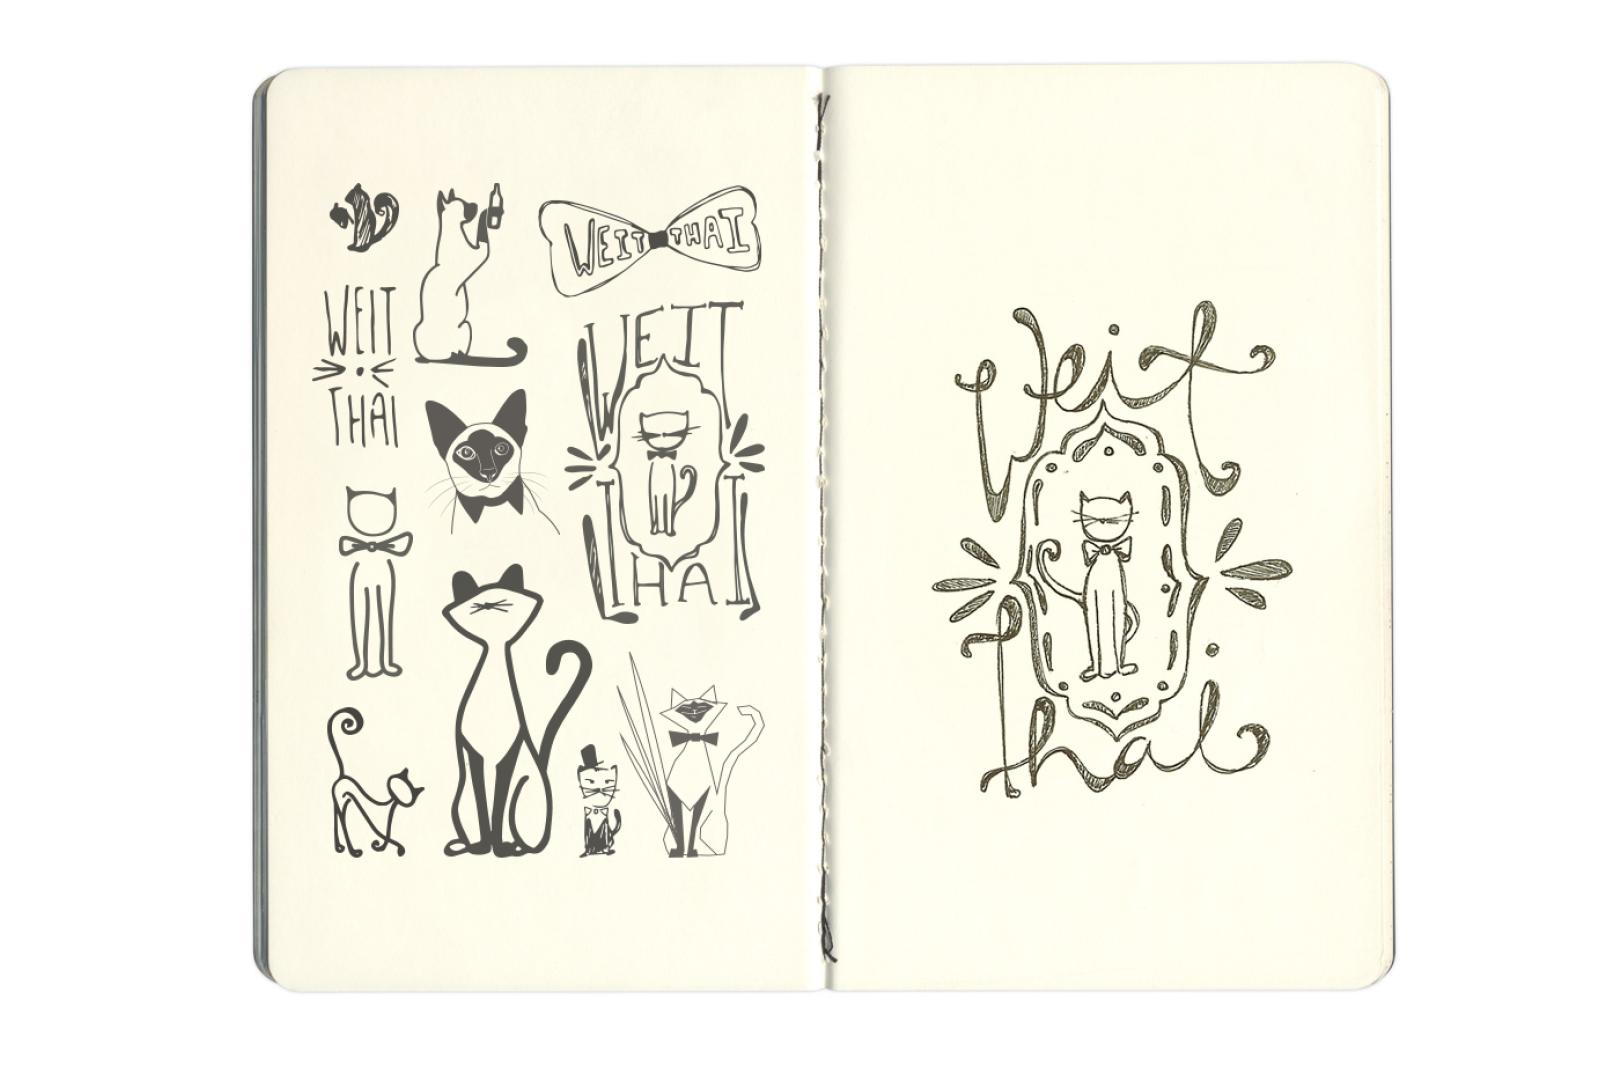 Beer packaging sketches